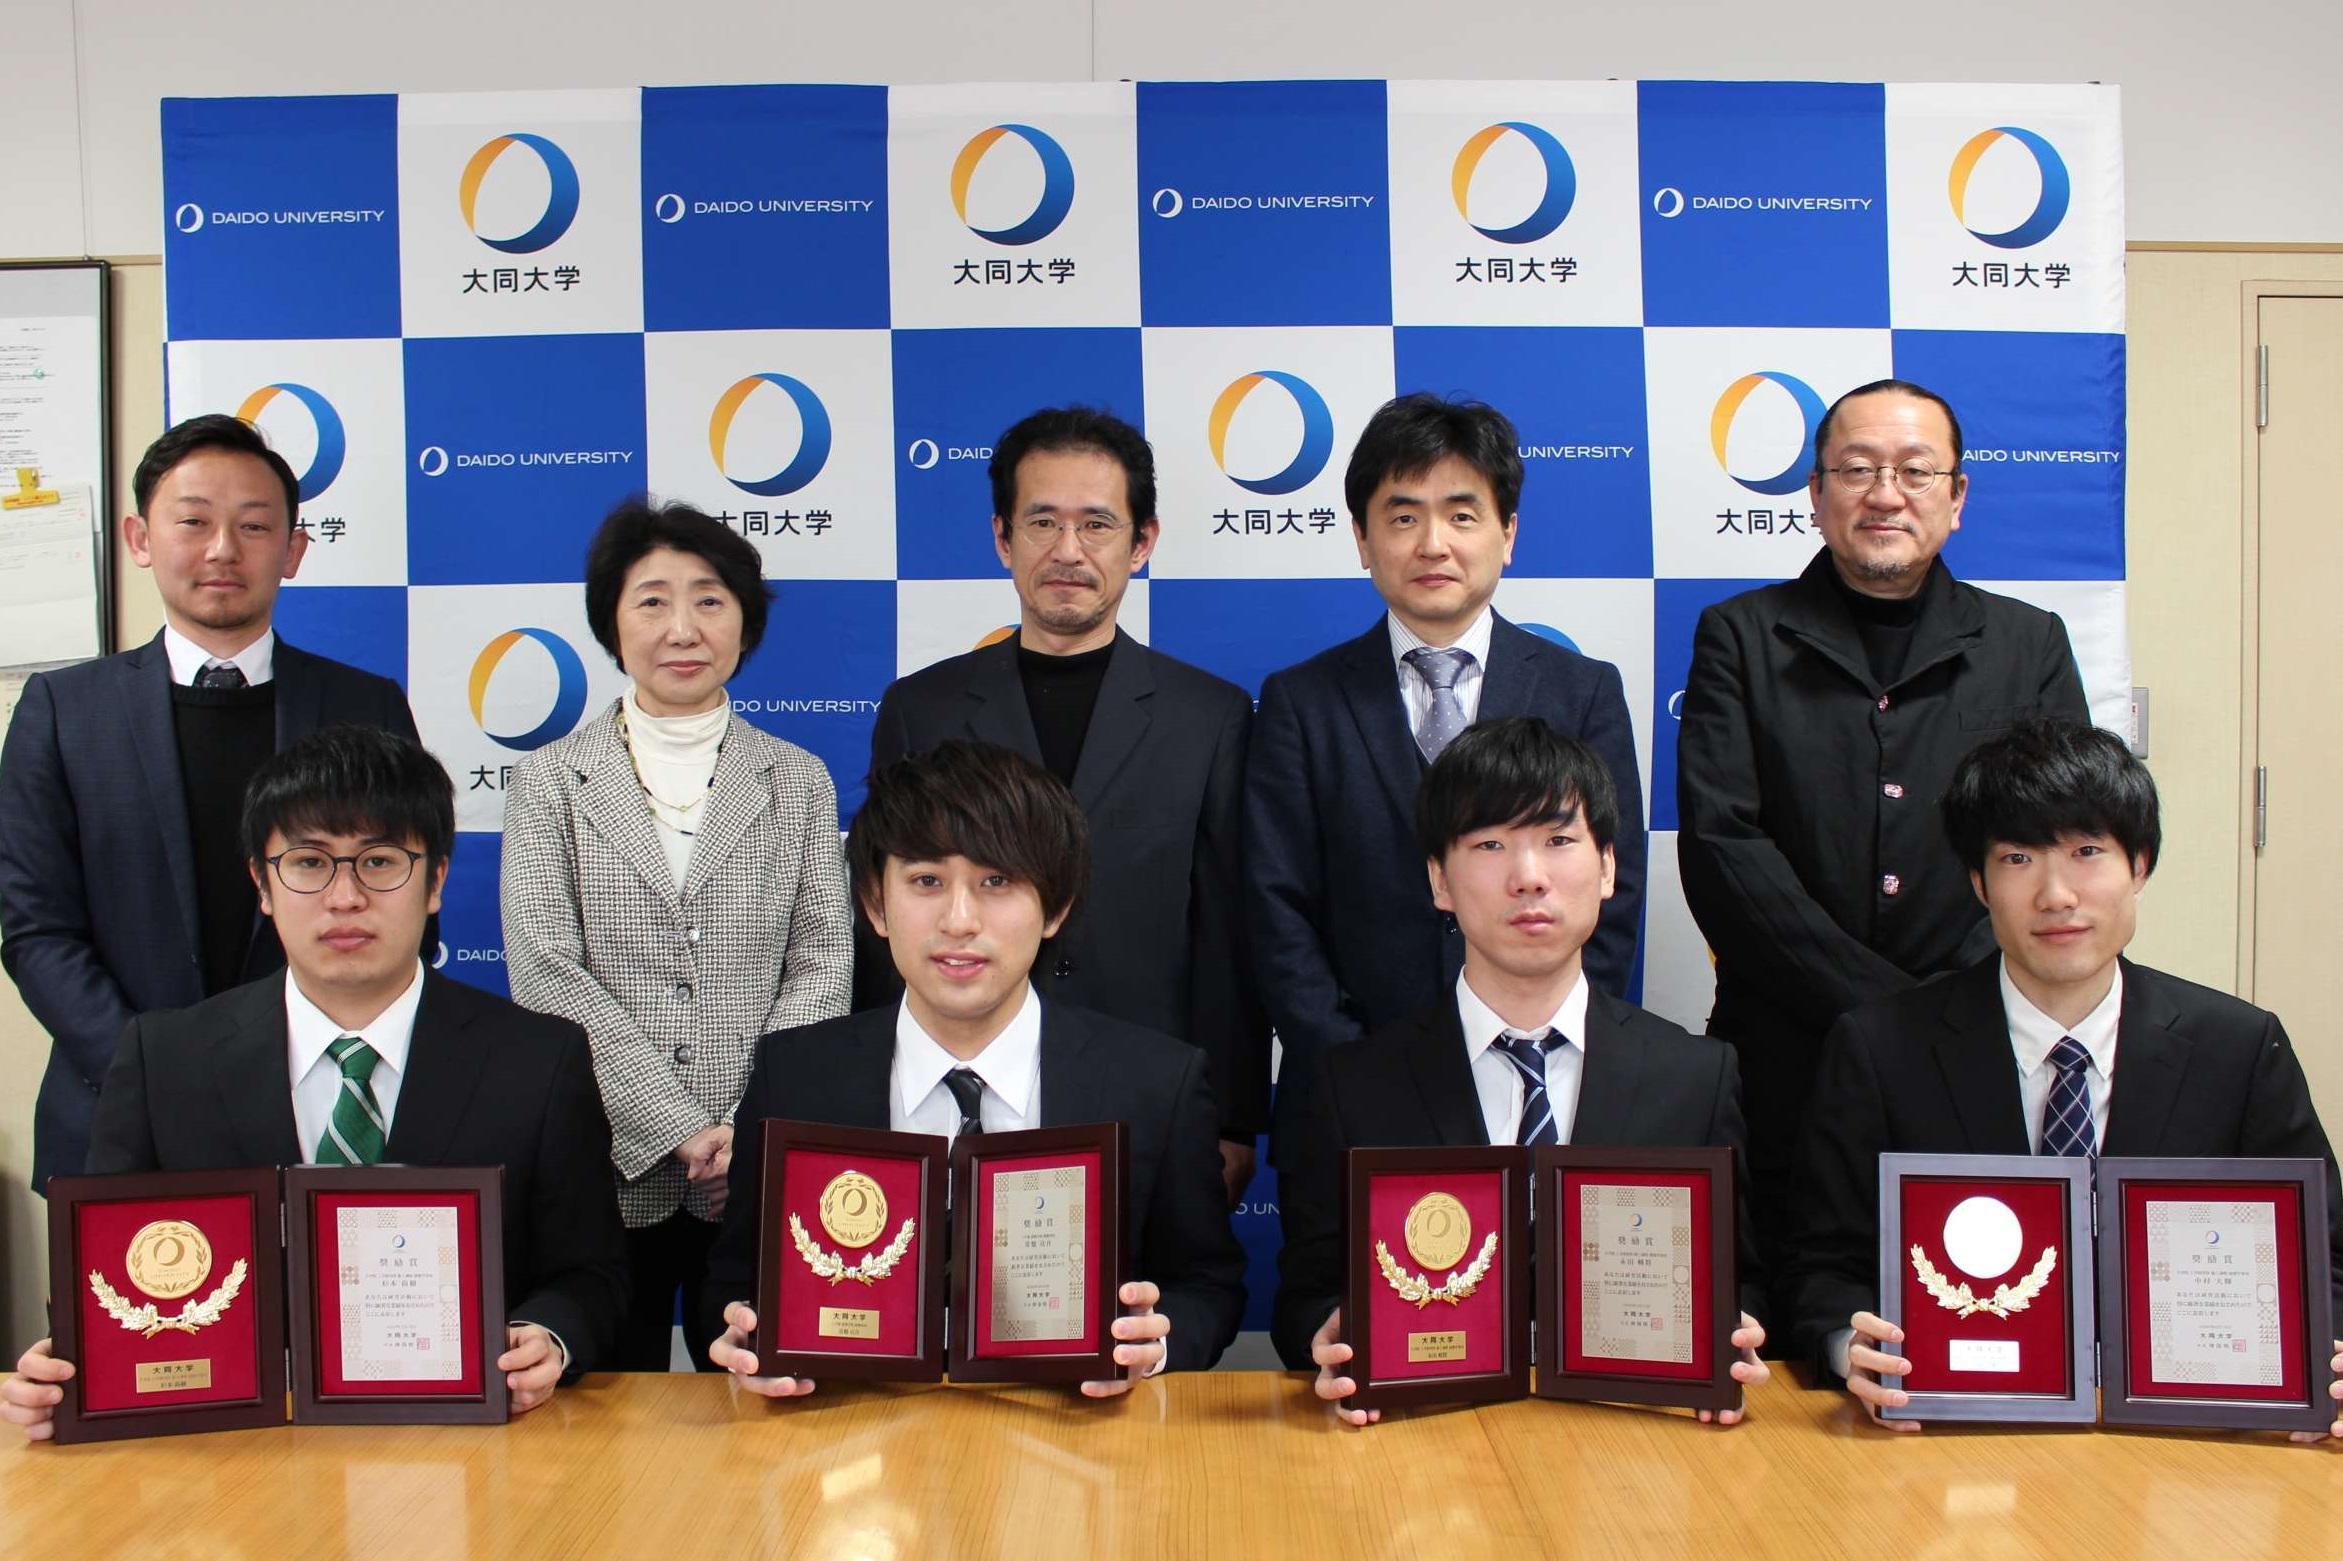 受賞時の記念撮影。(前列左から)杉本さん、常盤さん、永田さん、中村さん